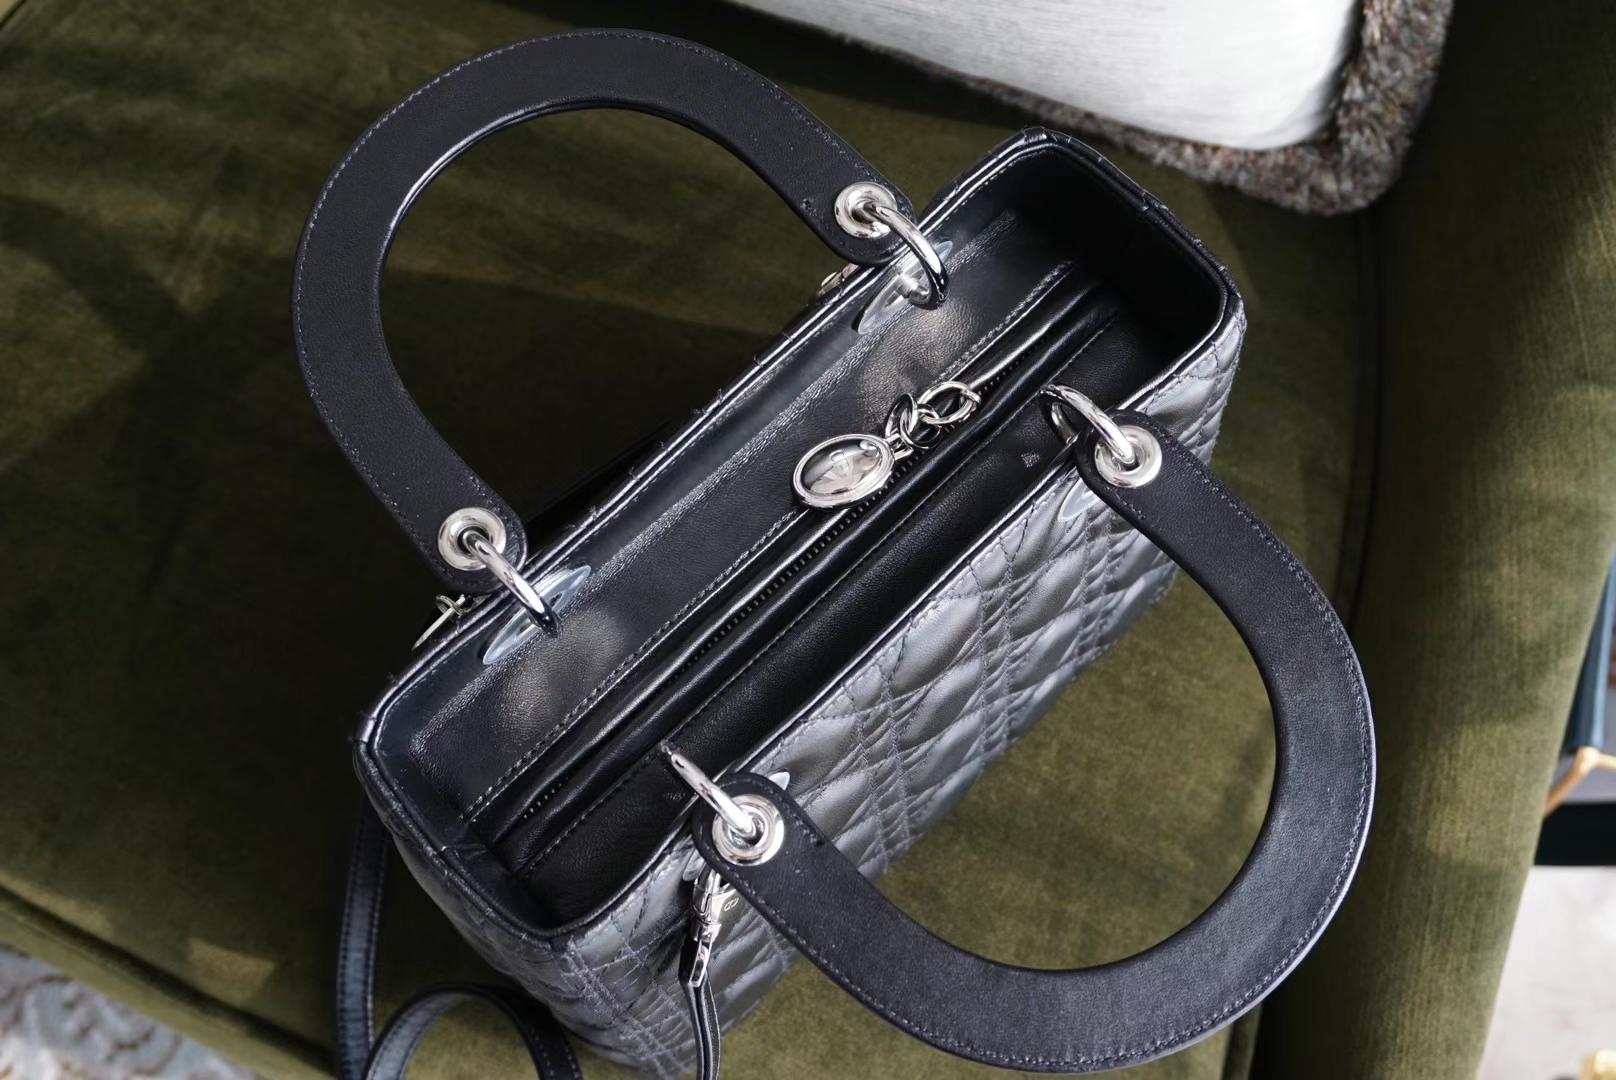 DIOR 迪奥五格 24cm 黑色 银扣 原厂进口小羊皮制作!